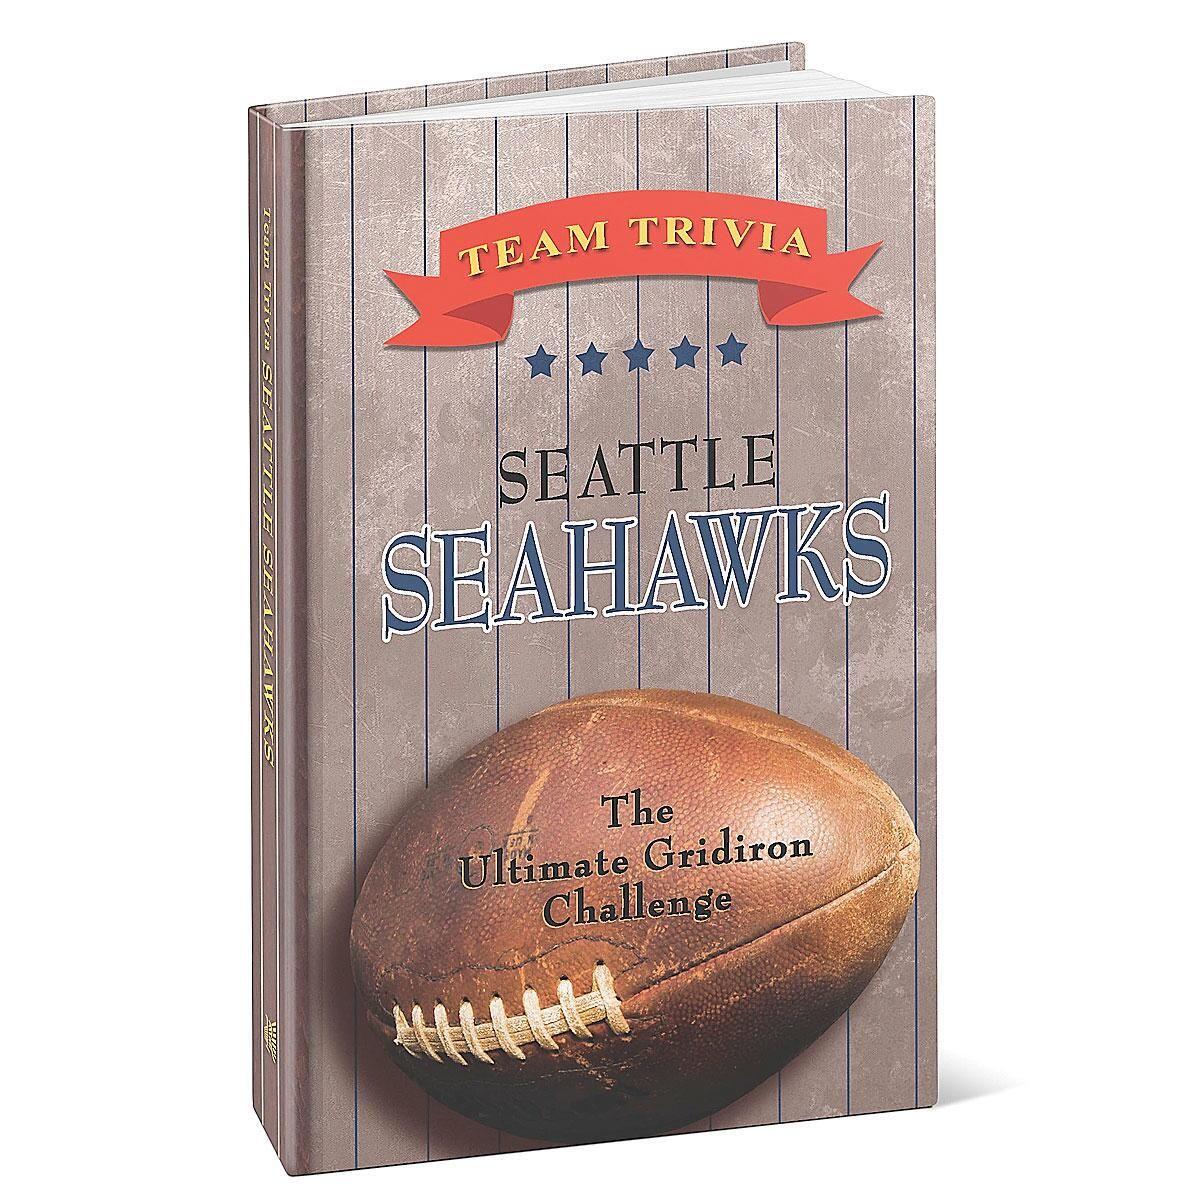 Seattle Seahawks NFL Team Trivia Book